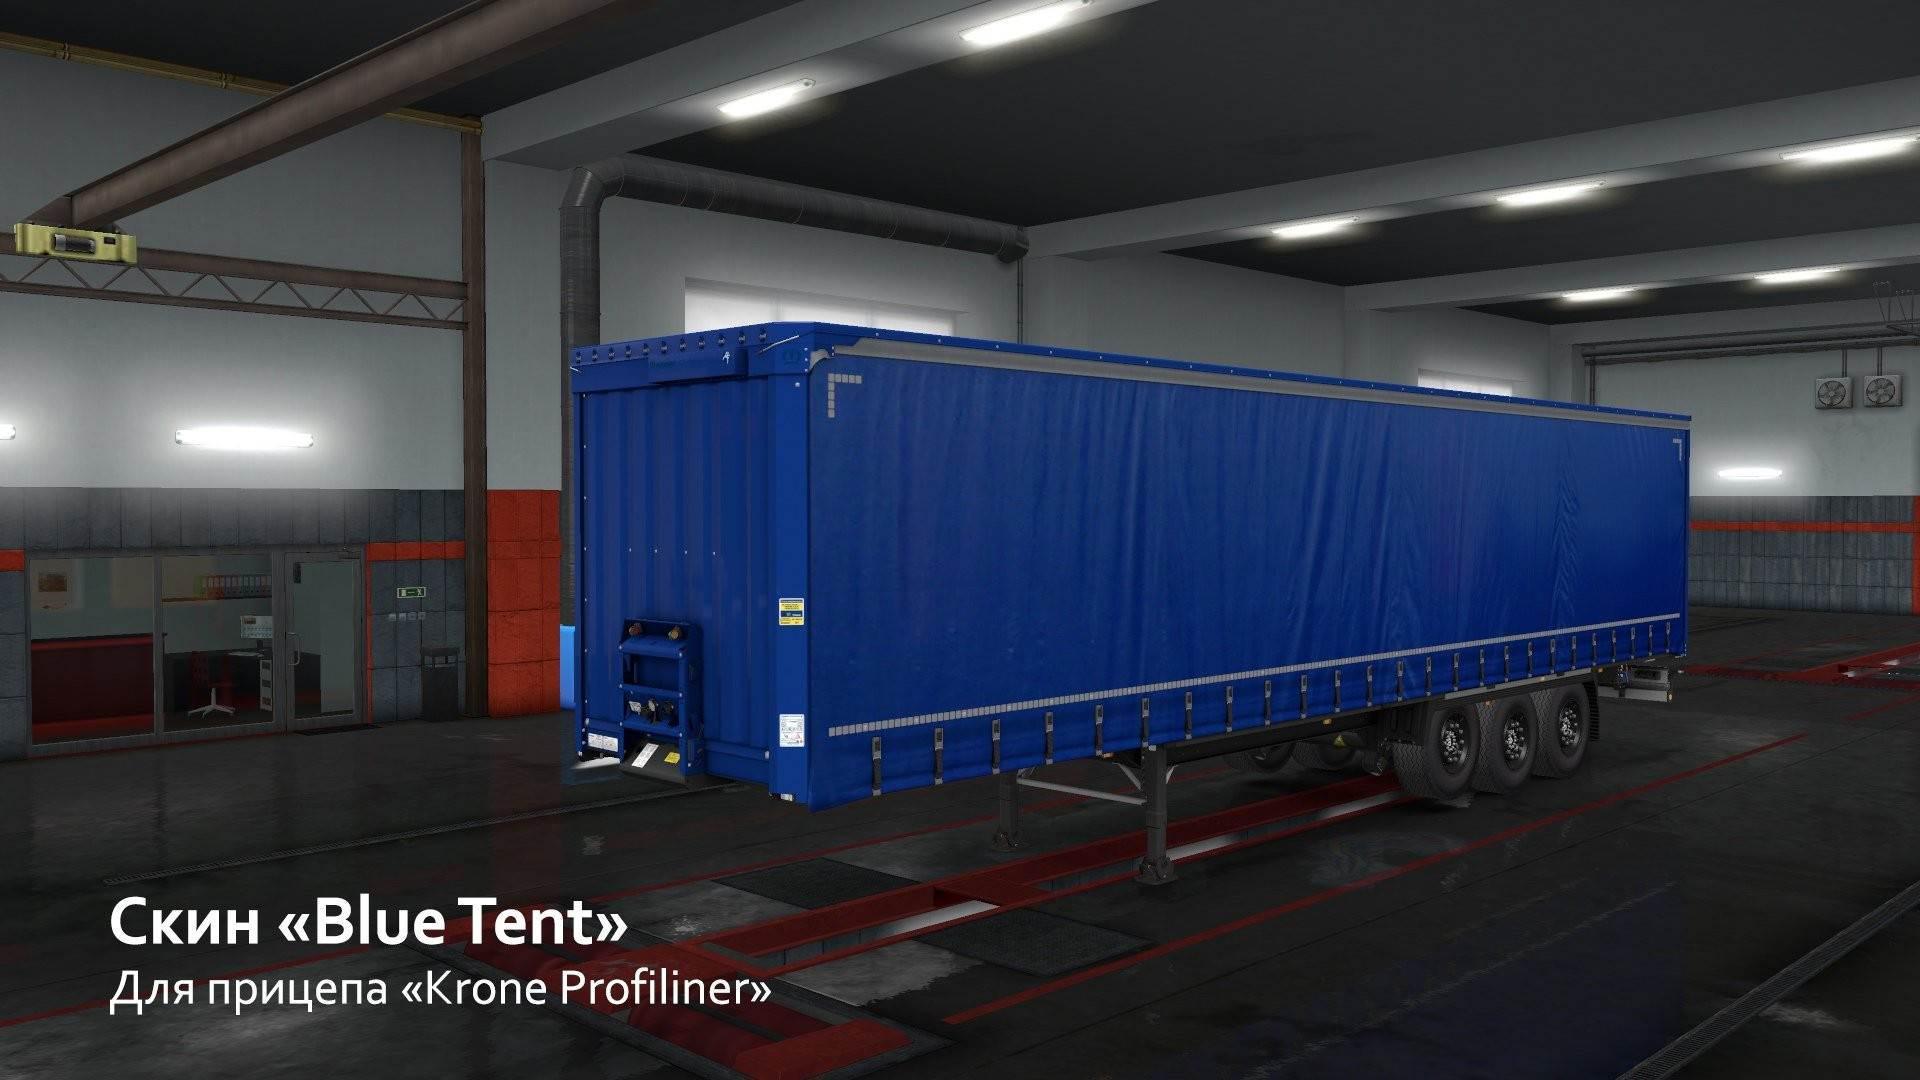 ETS2 - Krone Profiliner Smide Skins (1.36.x)